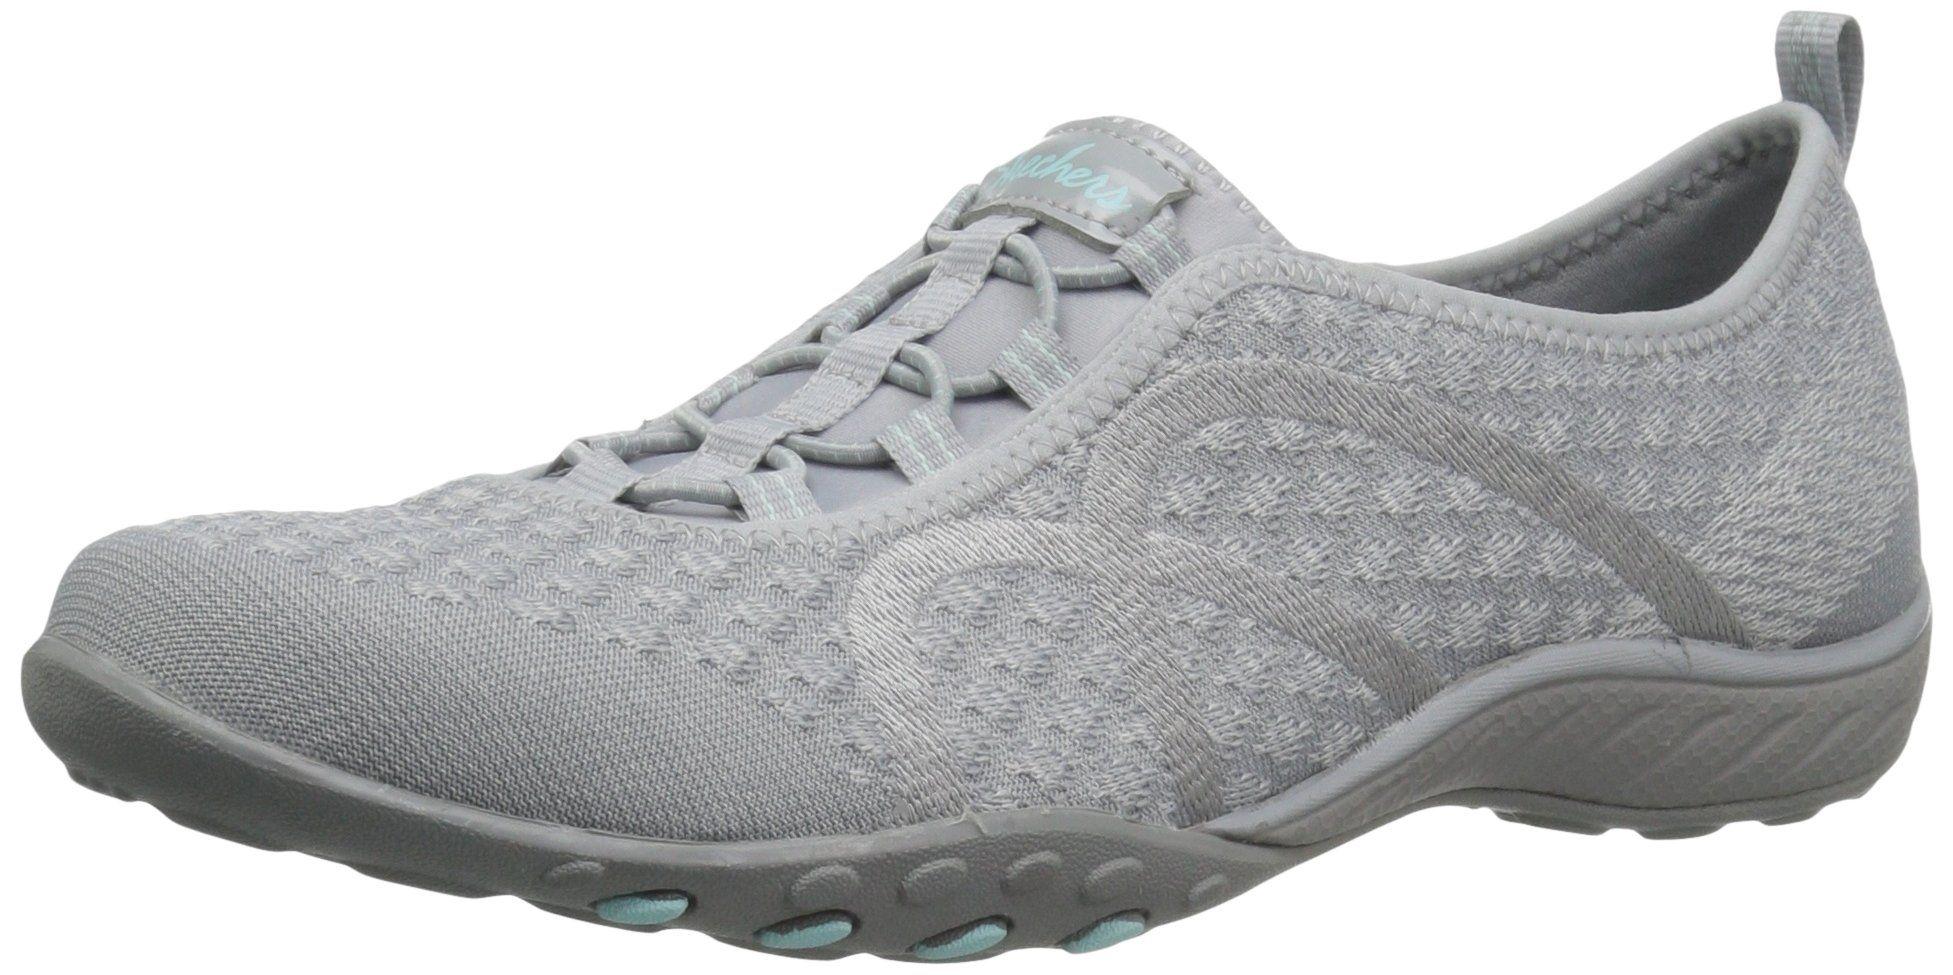 Skechers Sport Women s Breathe Easy Fortune Knit Fashion Sneaker ... 4f719ed2e7